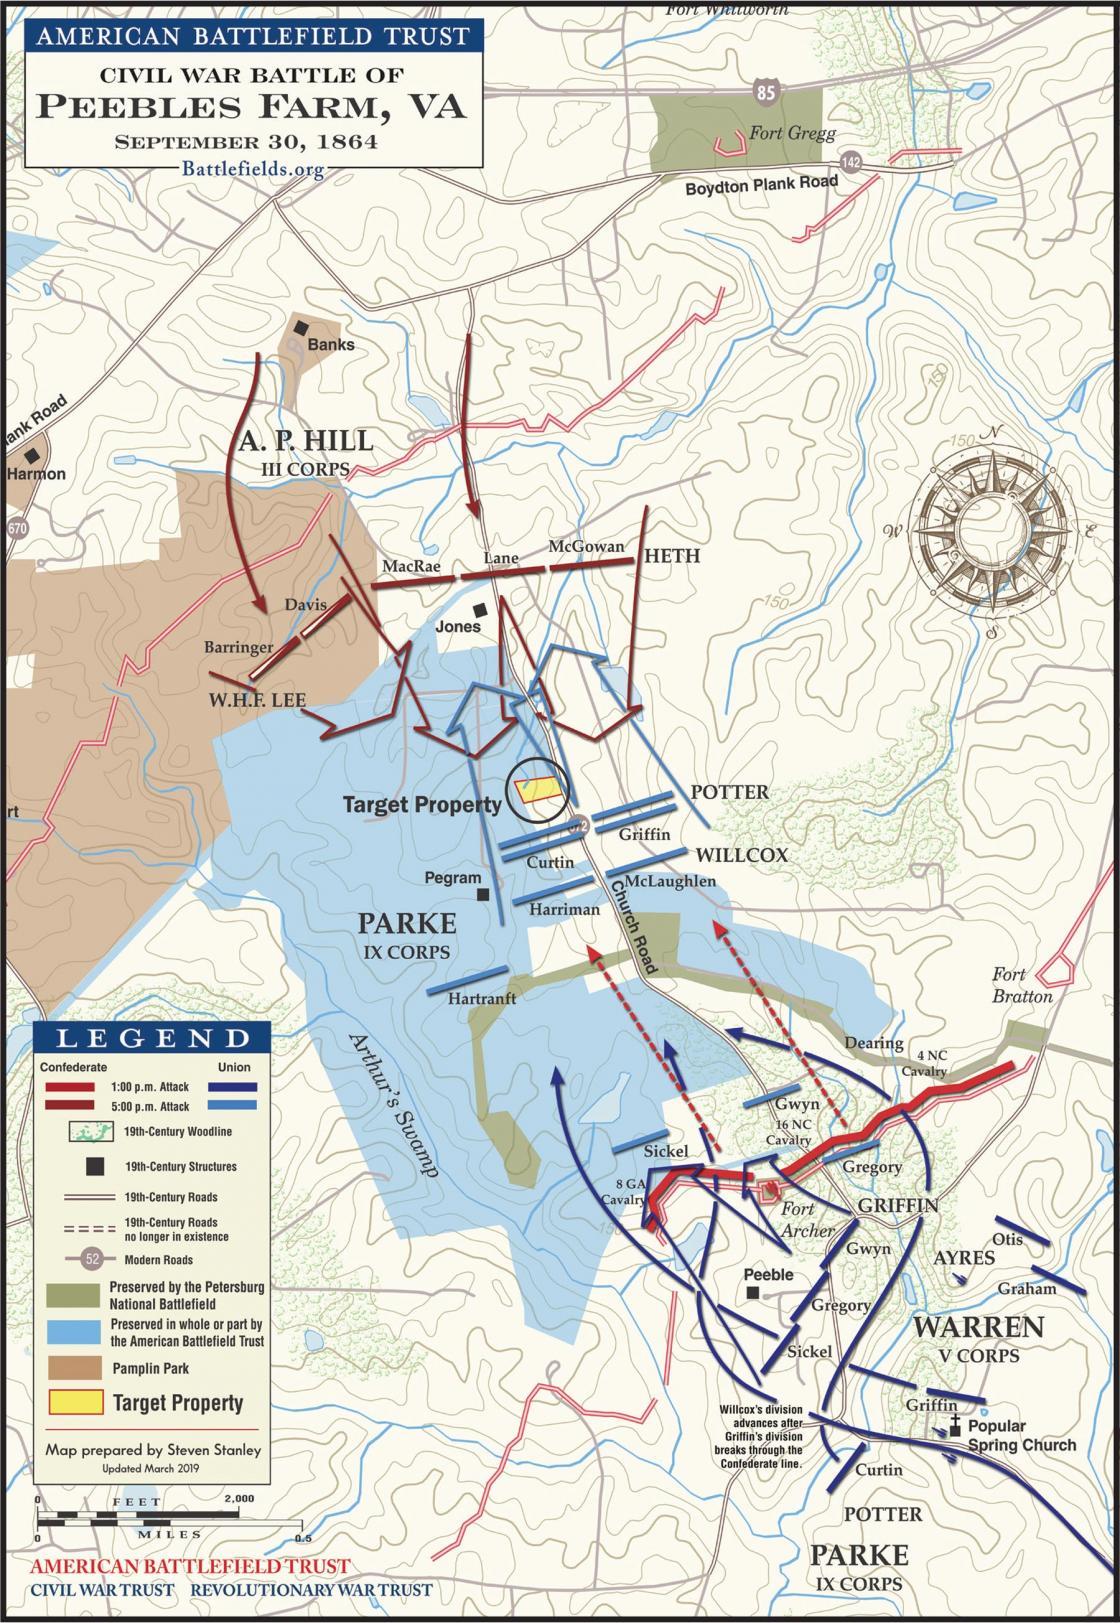 The Battle of Peebles Farm - September 30, 1864